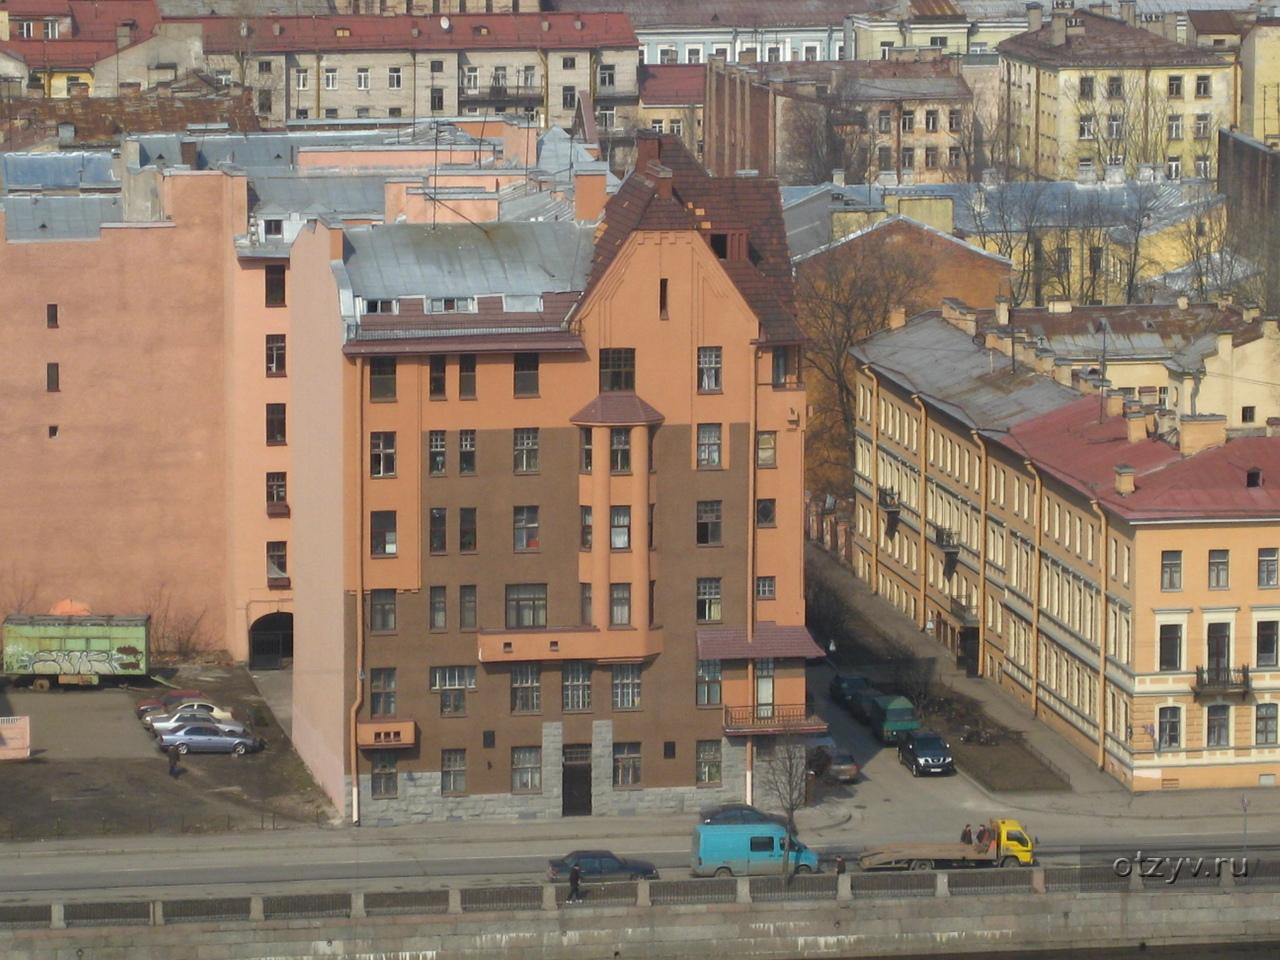 Где находиться дом проституции в питере фото 495-218